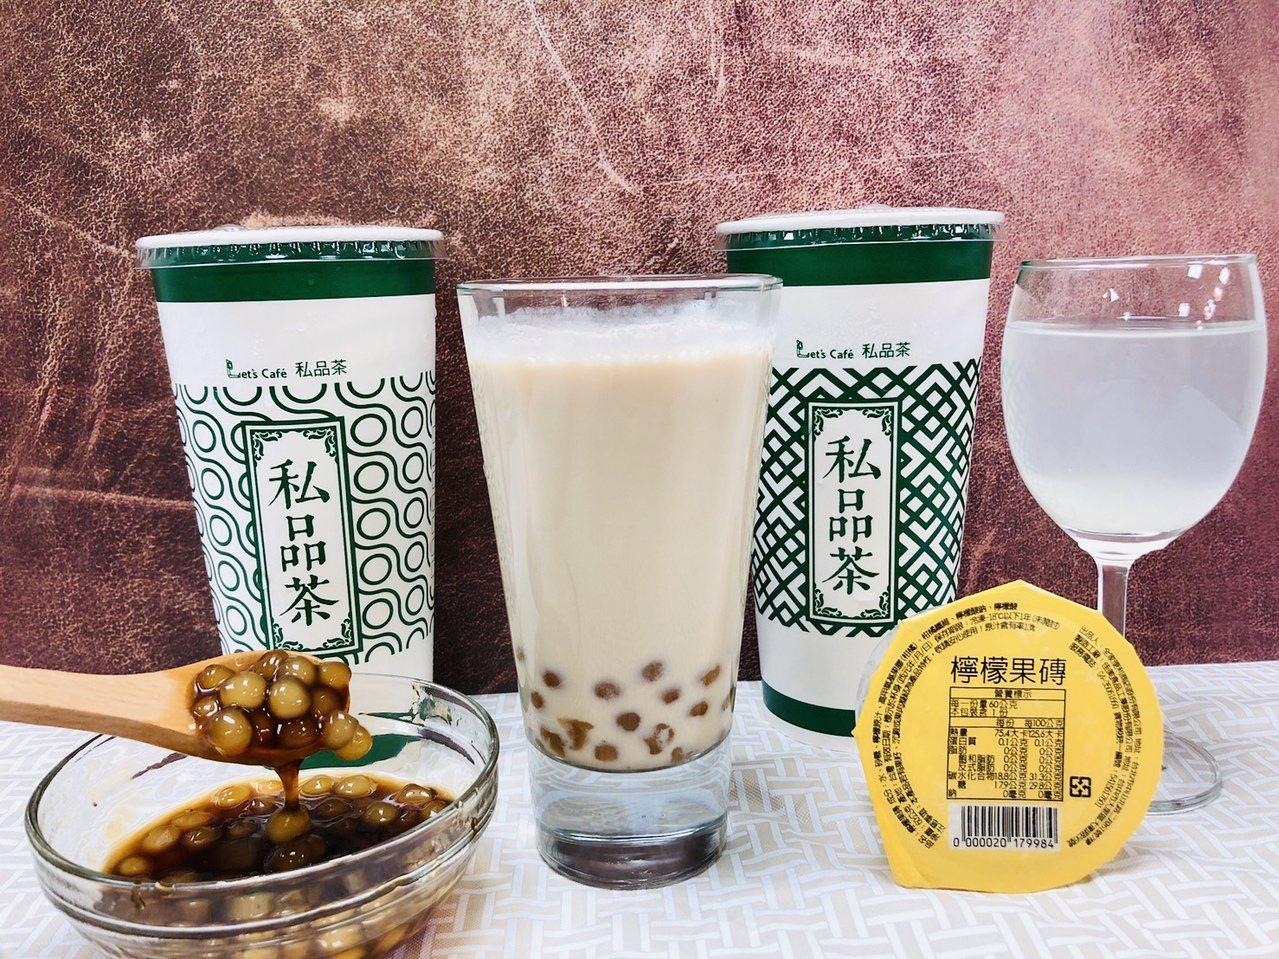 全家便利商店Let's Cafe私品茶新推出「焦糖珍珠Q奶」及「夏日檸檬飲」。圖...